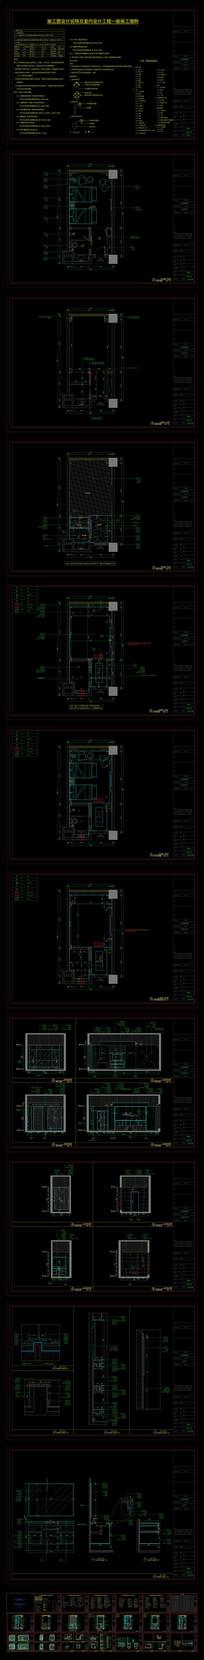 酒店商务标间客房CAD设计